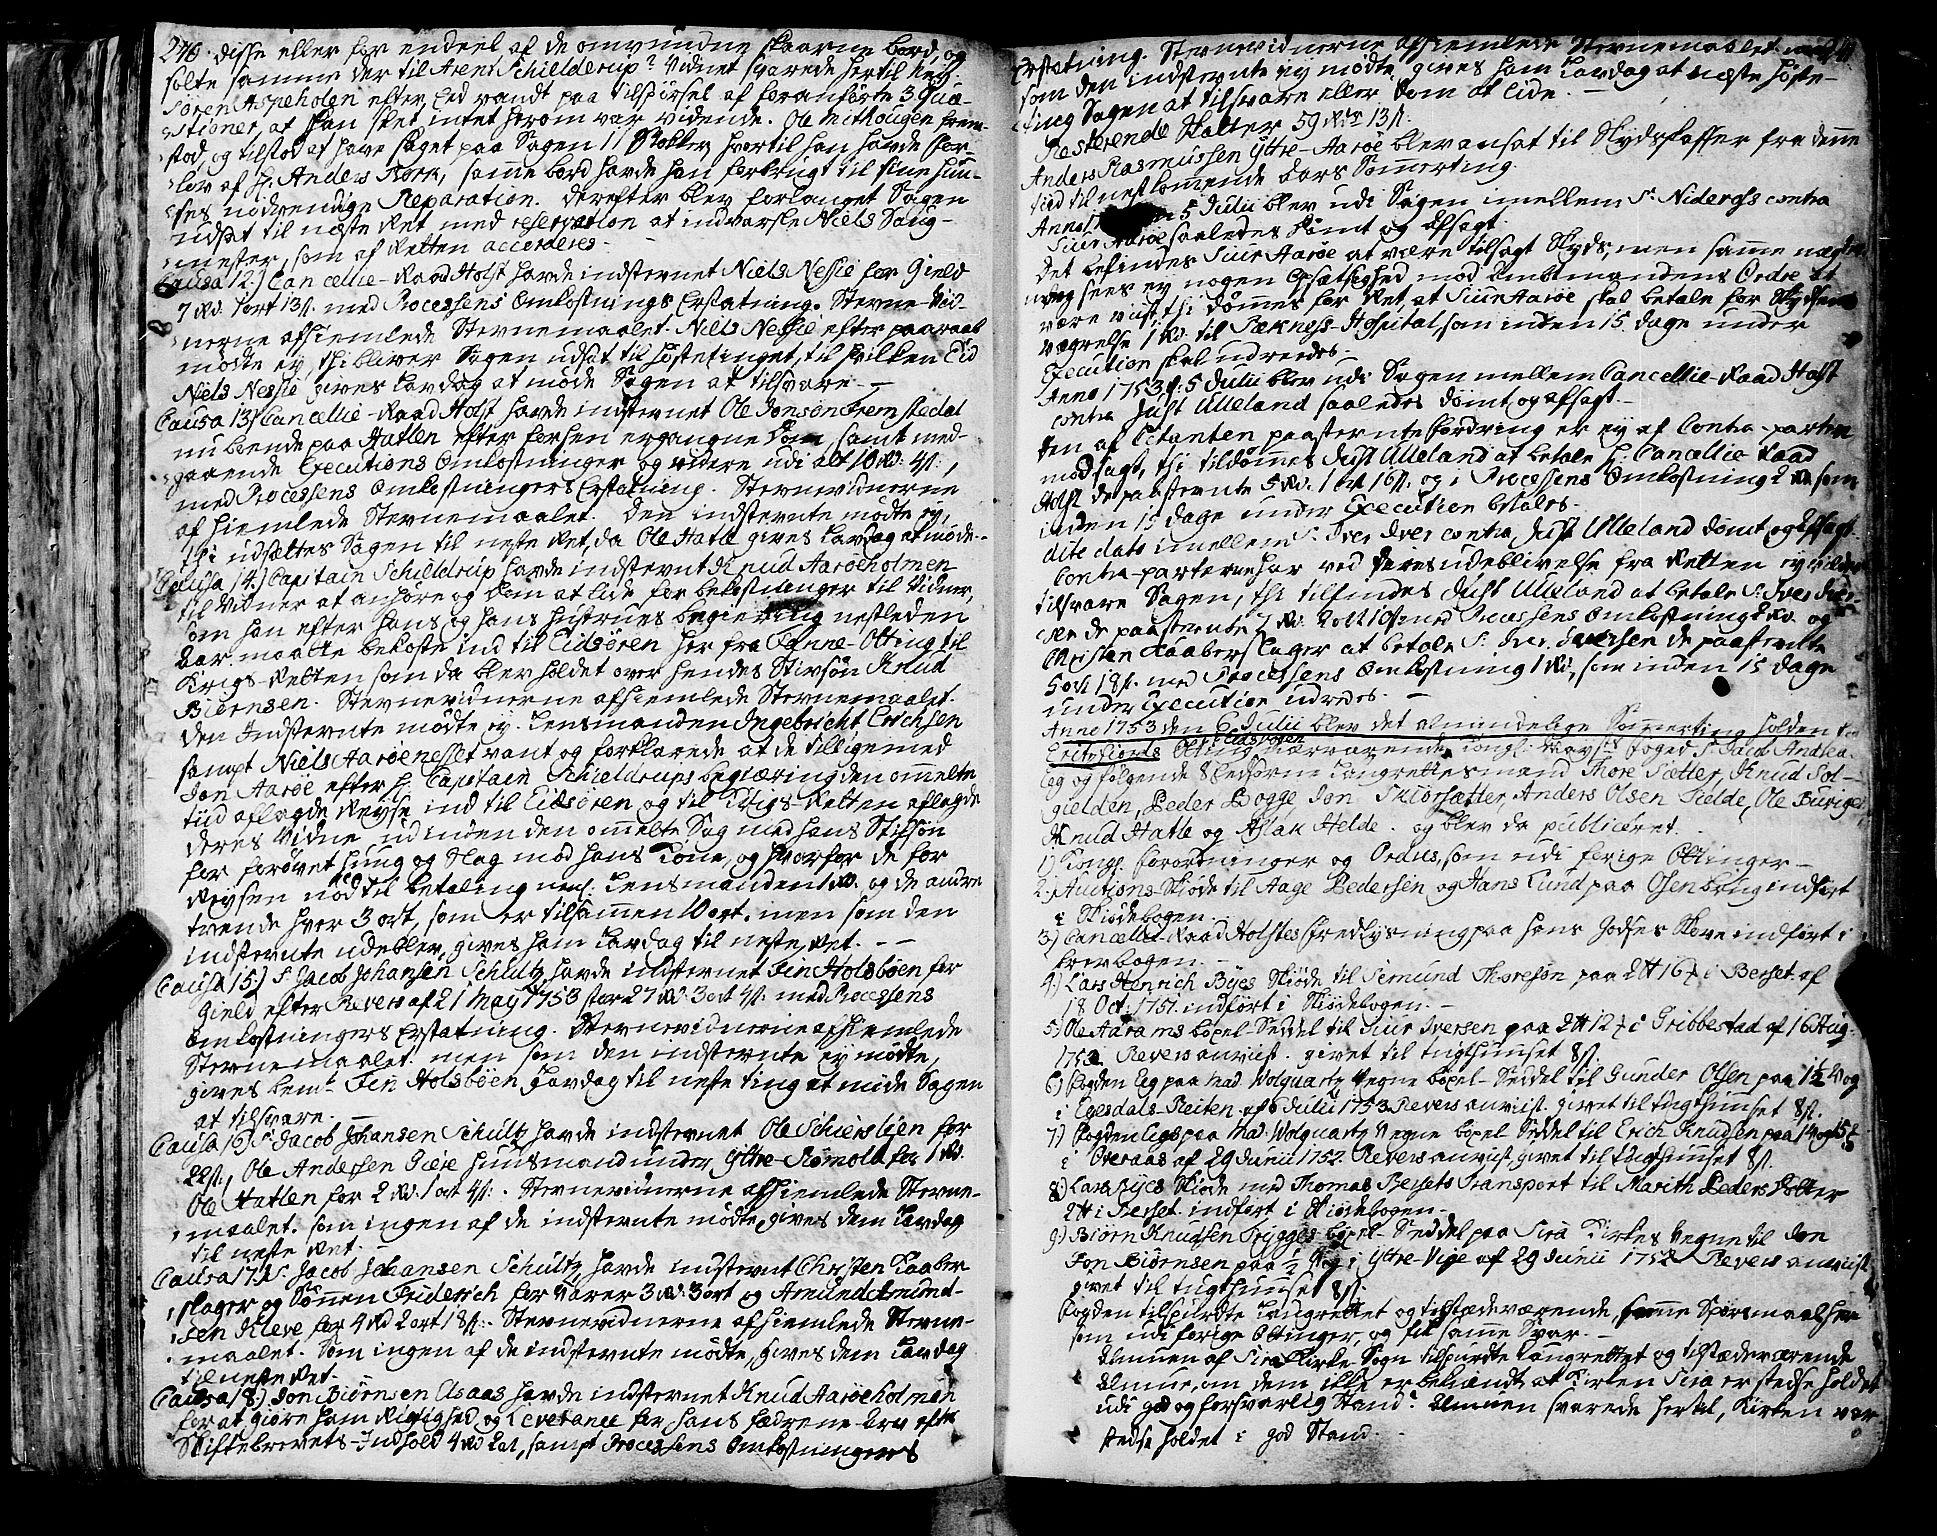 SAT, Romsdal sorenskriveri, 1/1A/L0013: Tingbok, 1749-1757, s. 240-241